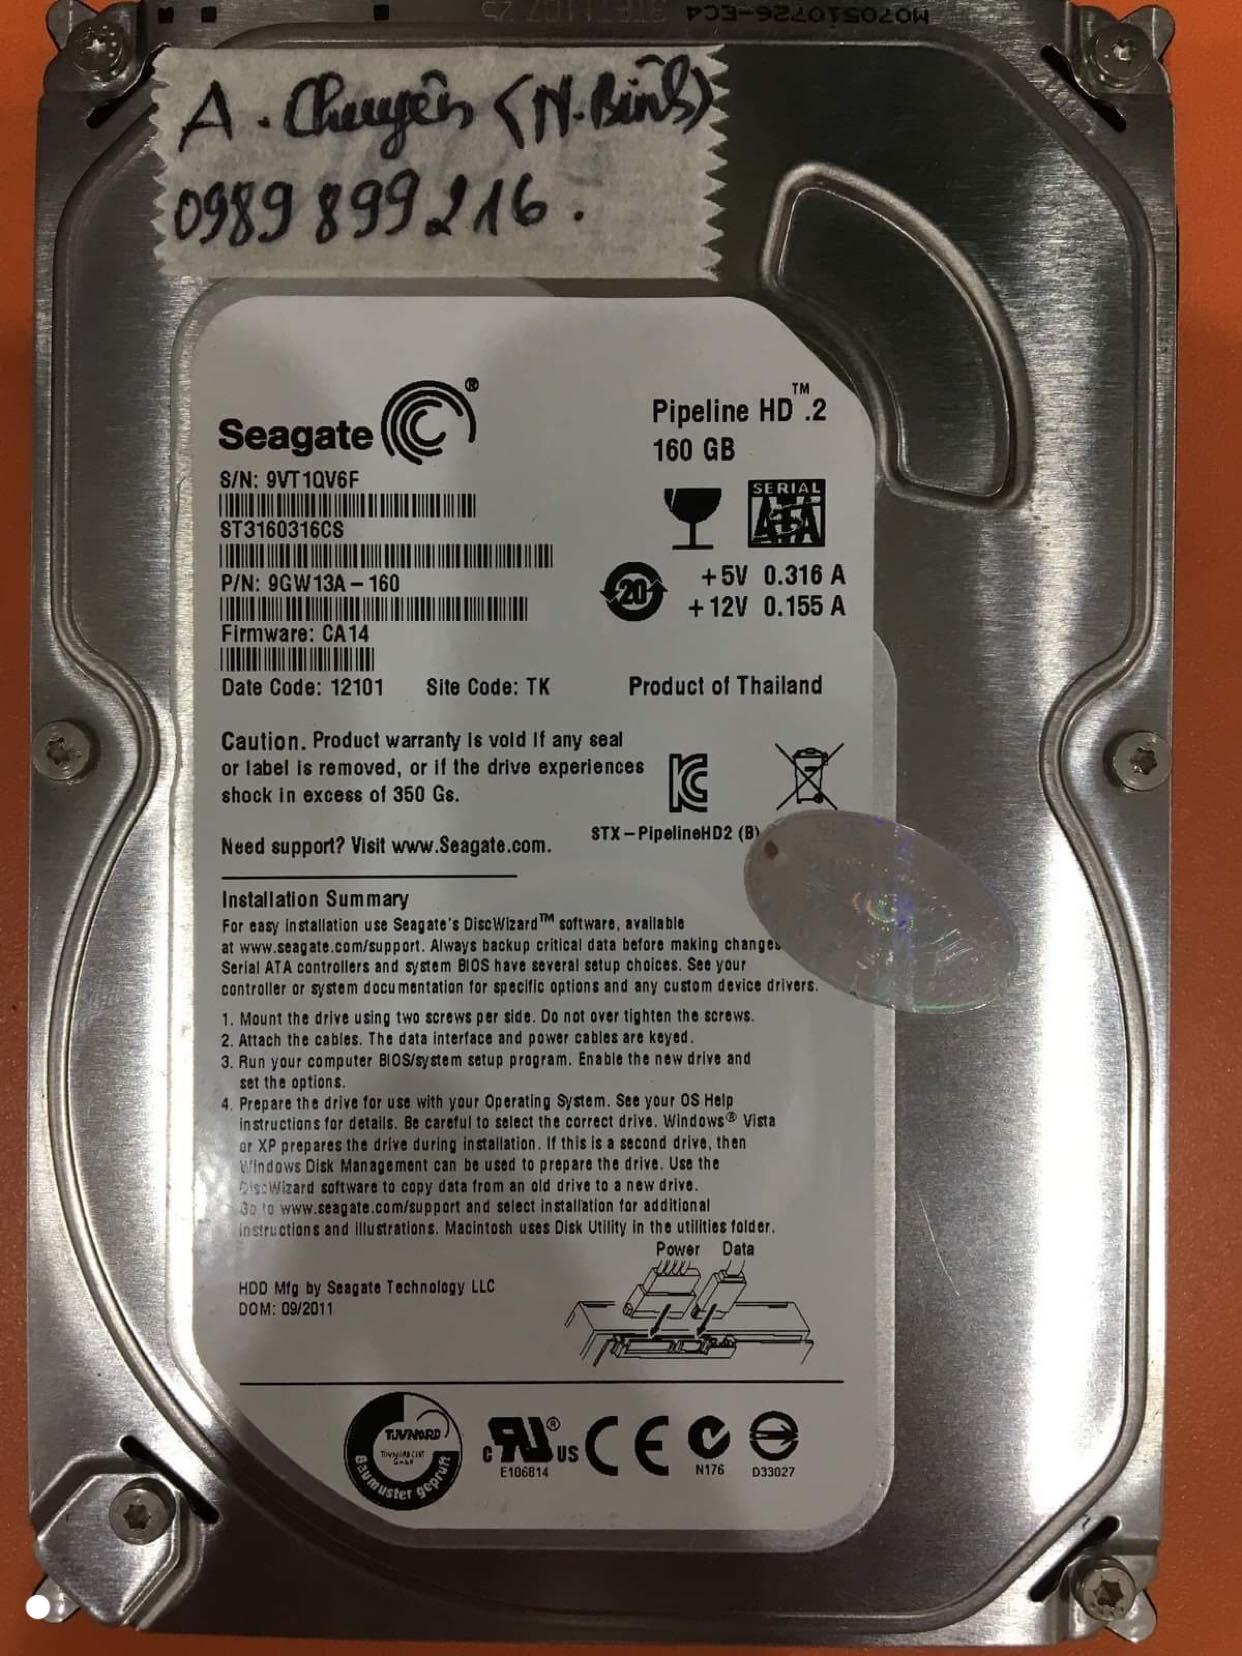 Cứu dữ liệu ổ cứng Seagate 160GB không nhận tại Ninh Bình 09/11/2019 - cuumaytinh